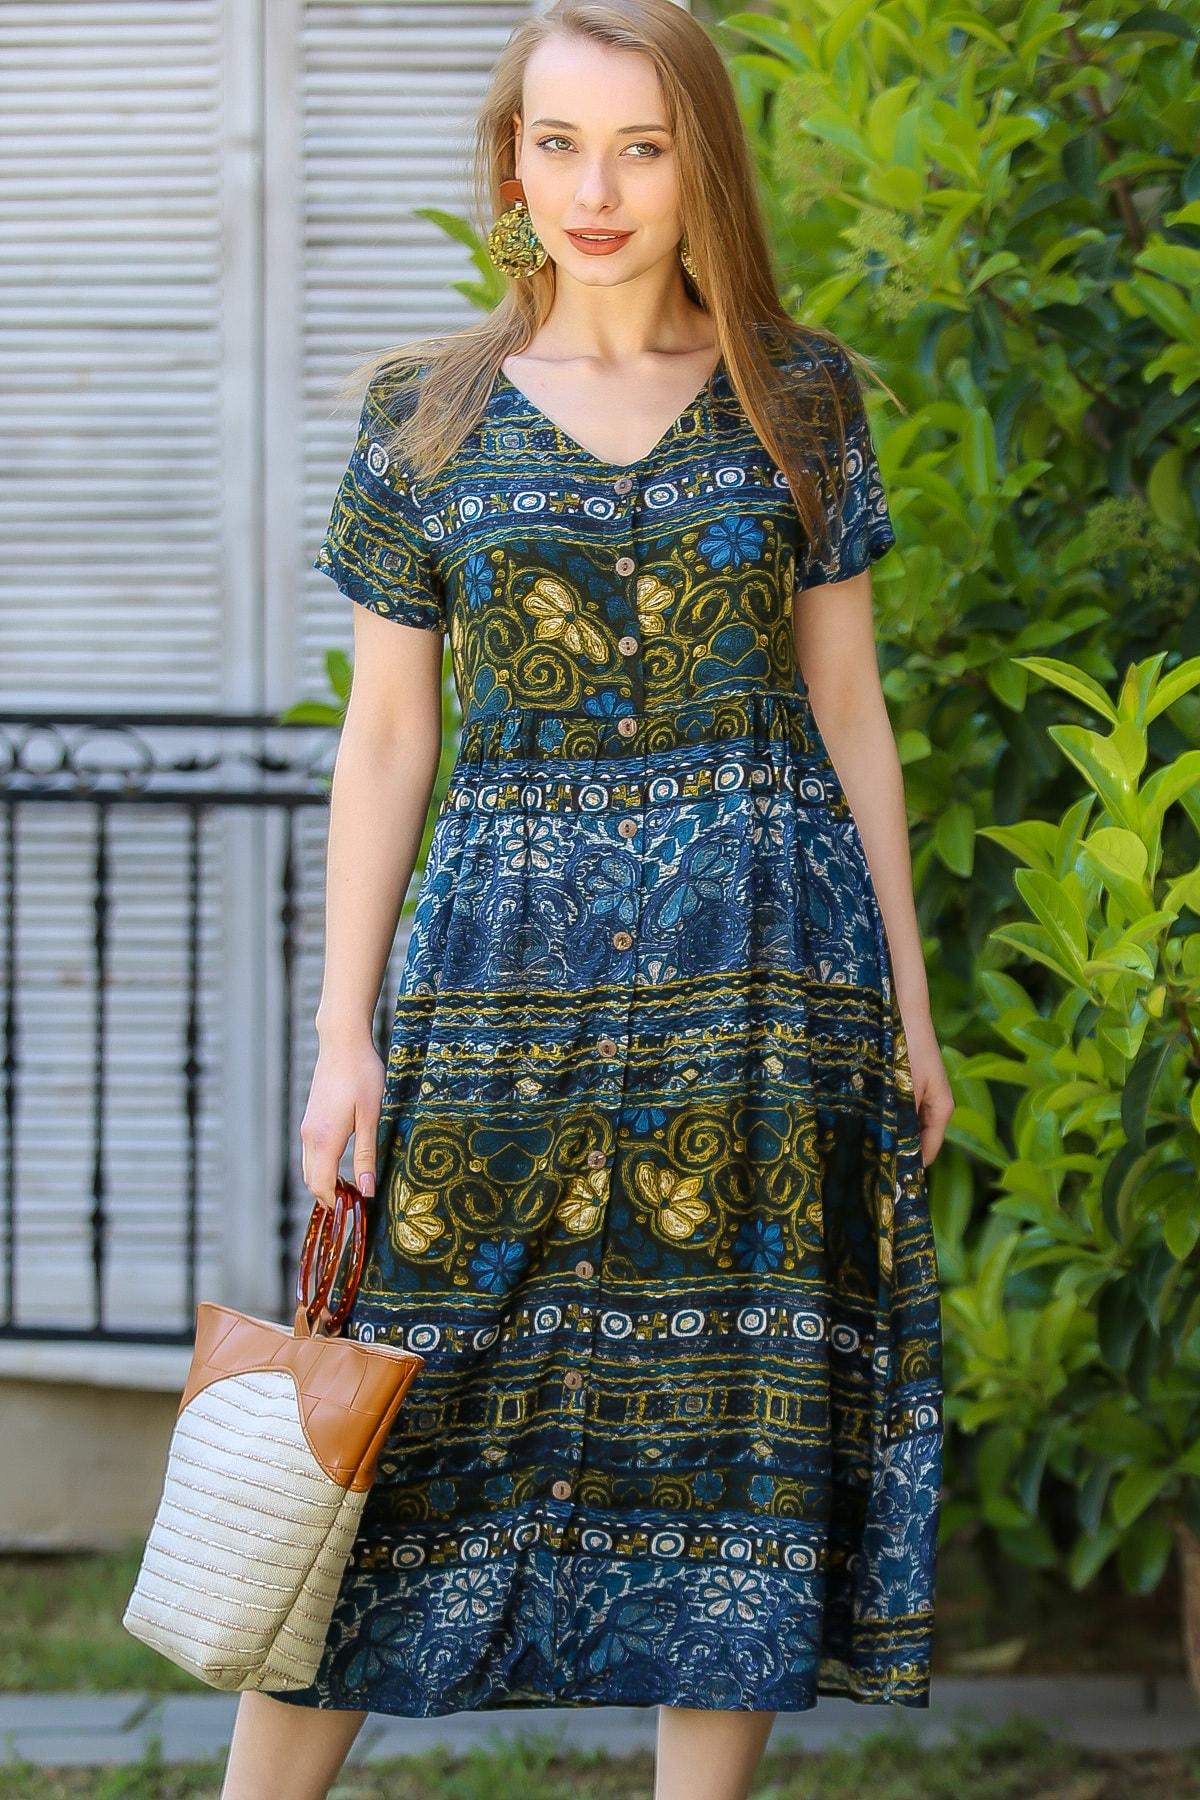 Chiccy Kadın Yeşil Vintage Çiçek Desenli Süs Düğme Detaylı Elbise M10160000El96894